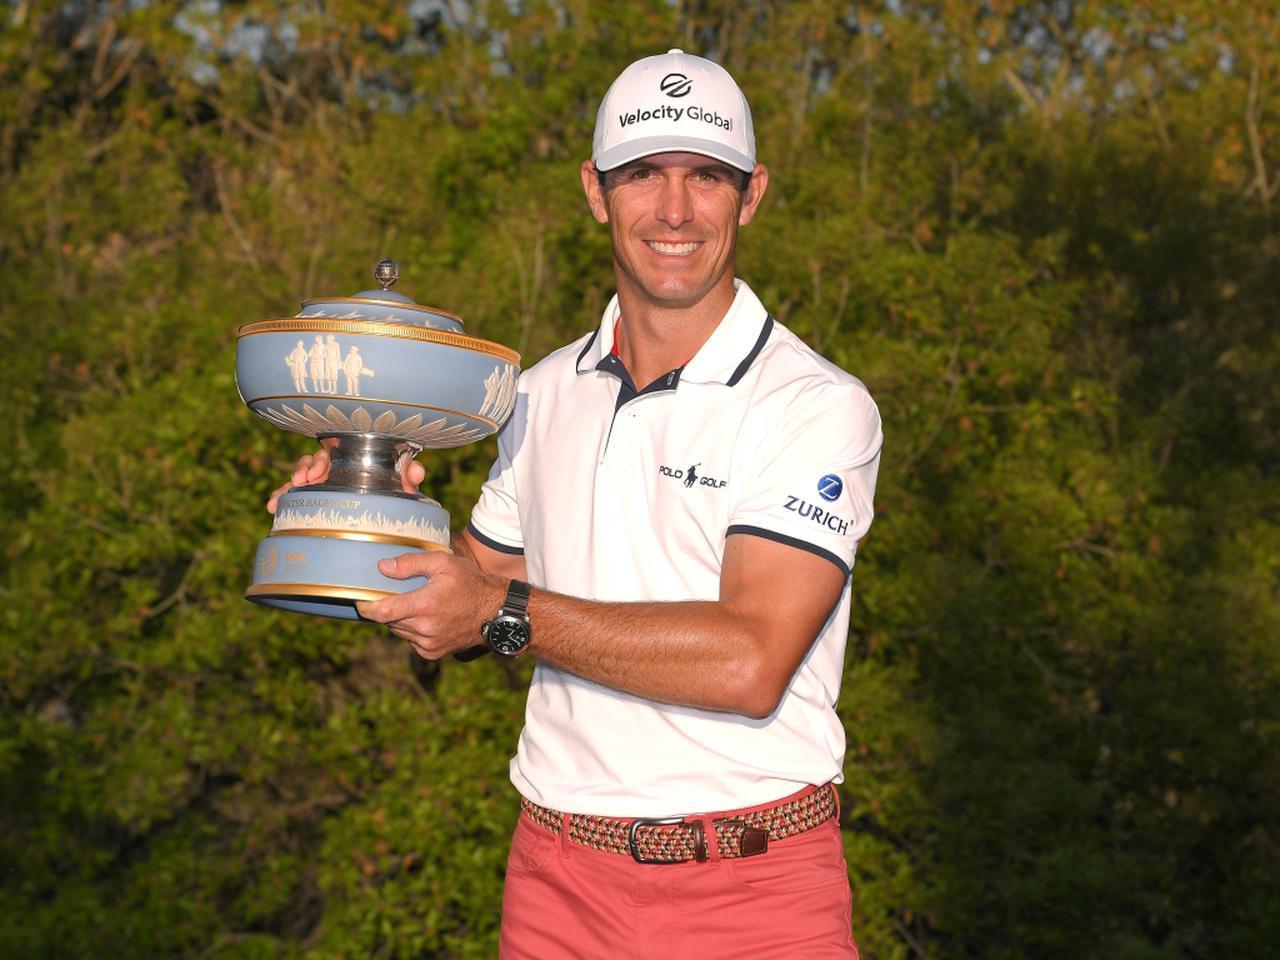 画像: PGAツアー「WGCデルテクノロジーズマッチプレー」を制したビリー・ホーシェル(写真/Getty Images)